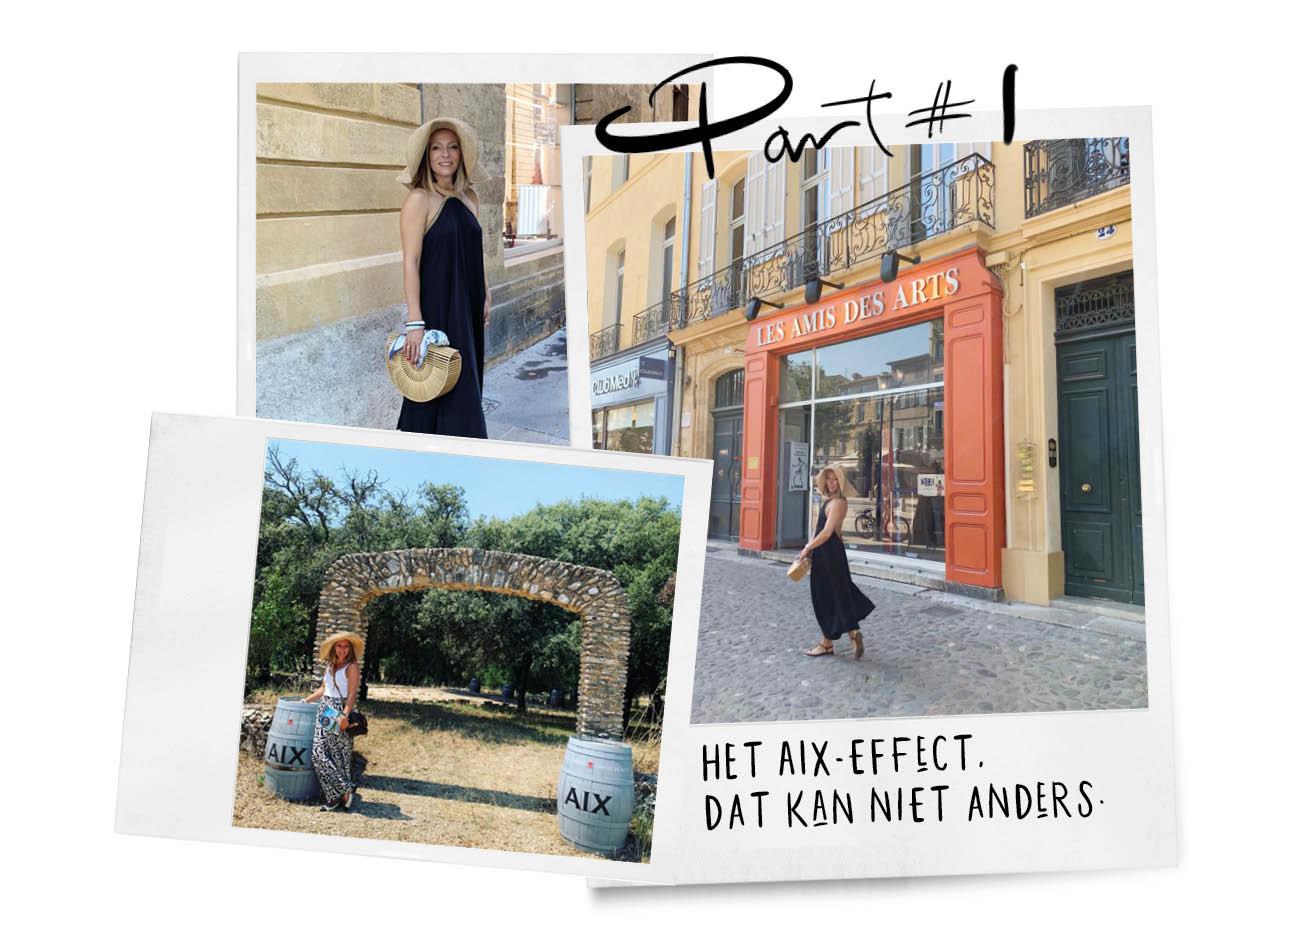 may's diary in Aix in Frankrijk lachend in de stad met een lange blauwe jurk en hoed